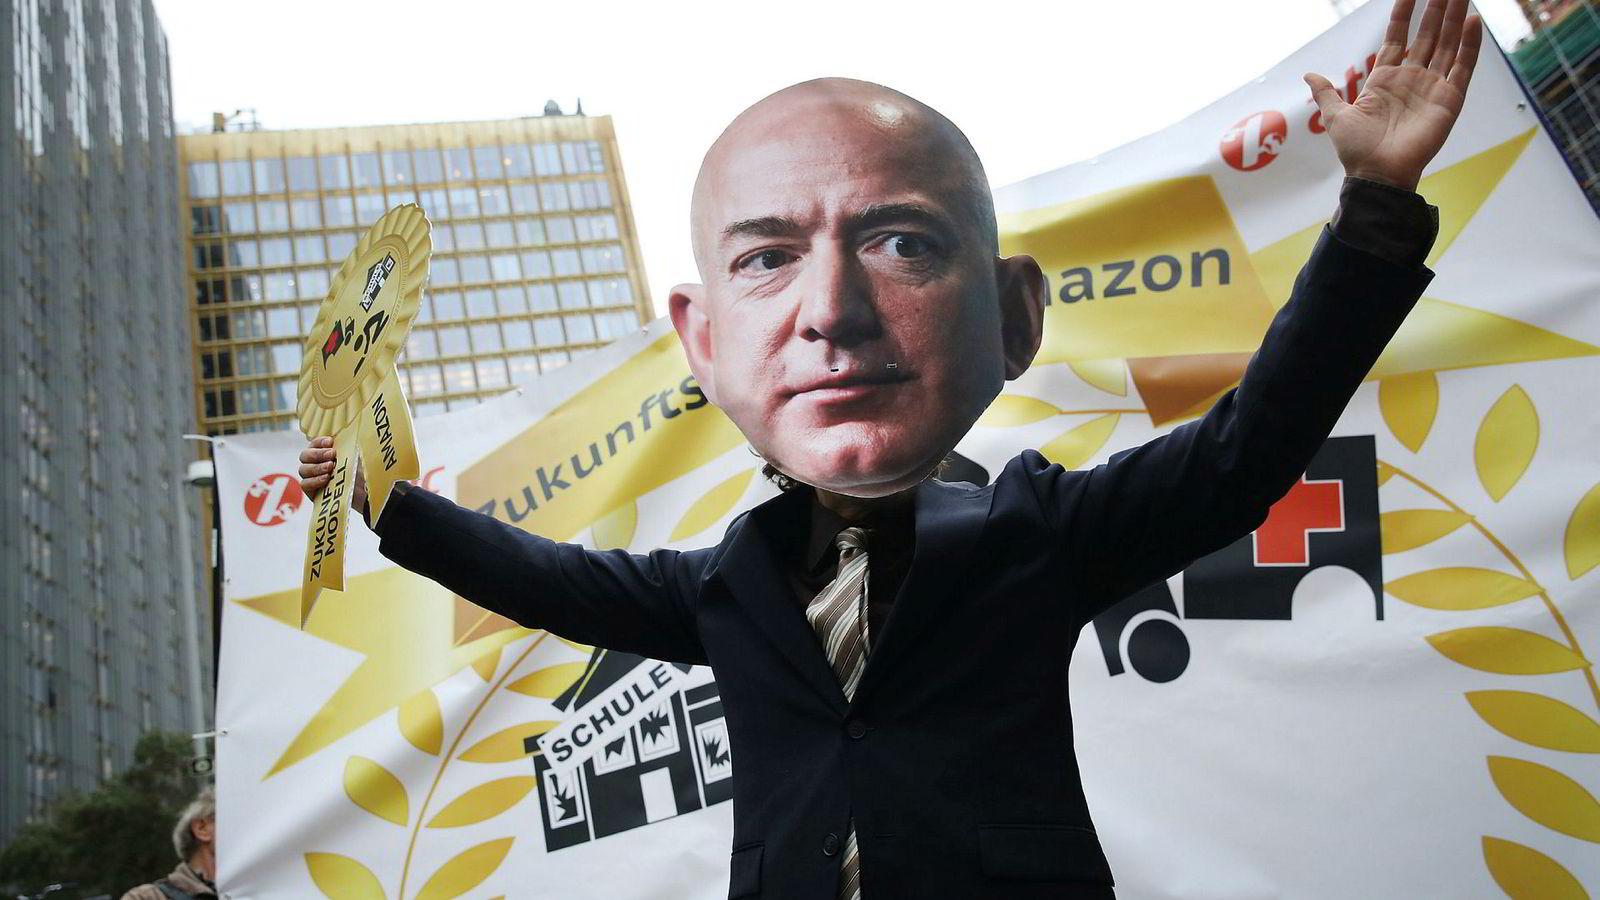 Da Amazon-sjefen Jeff Bezos besøkte Berlin i april i år, ble han møtt av flere hundre protesterende Amazon-ansatte fra Tyskland, Polen og Italia. Arbeiderne klaget på at Amazon betalte dem for lite.